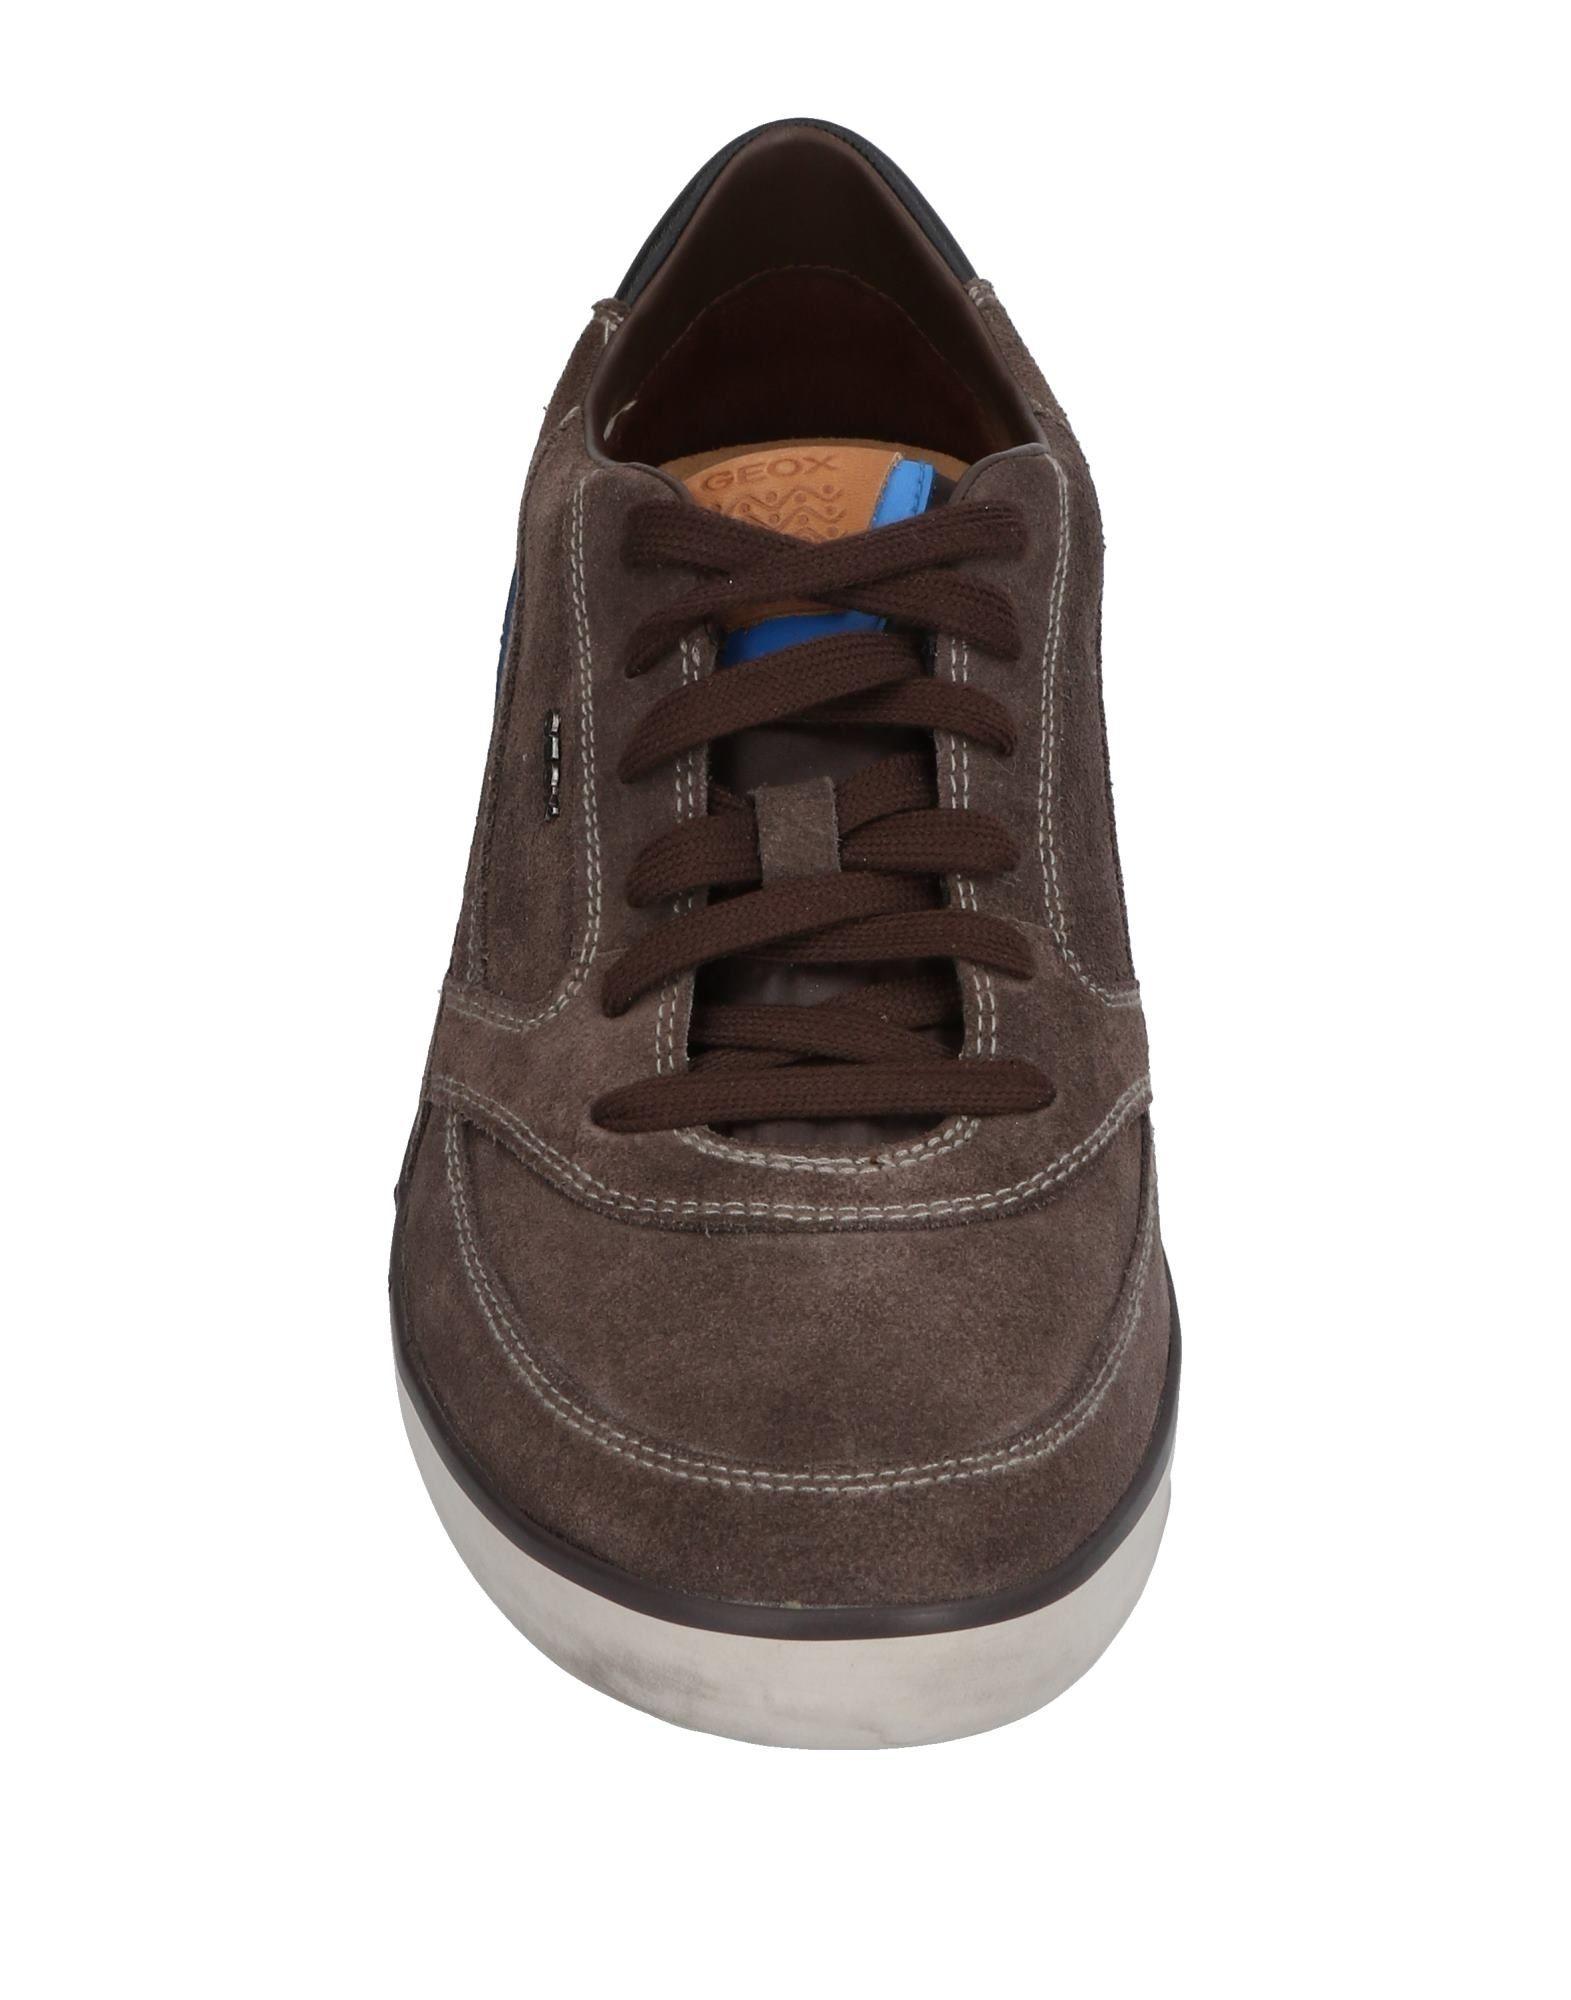 Sneakers Geox Homme - Sneakers Geox sur